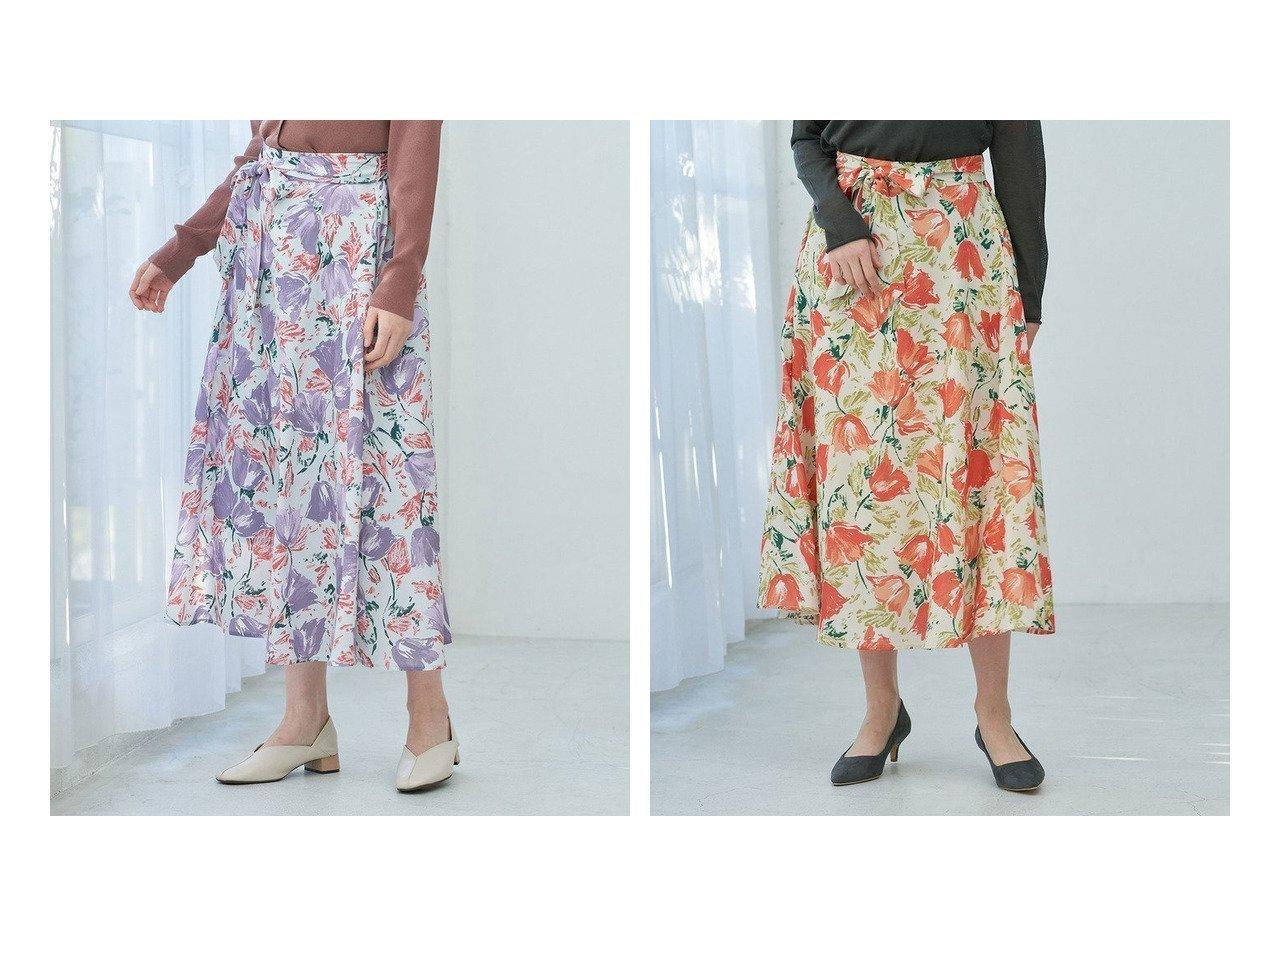 【ROPE' PICNIC/ロペピクニック】の【リンクコーデ】BIGフラワーフレアスカート ロペピクニックのおすすめ!人気、トレンド・レディースファッションの通販  おすすめで人気の流行・トレンド、ファッションの通販商品 メンズファッション・キッズファッション・インテリア・家具・レディースファッション・服の通販 founy(ファニー) https://founy.com/ ファッション Fashion レディースファッション WOMEN スカート Skirt Aライン/フレアスカート Flared A-Line Skirts イエロー 春 Spring スカーフ フラワー ポケット ラベンダー リブニット NEW・新作・新着・新入荷 New Arrivals おすすめ Recommend |ID:crp329100000021023